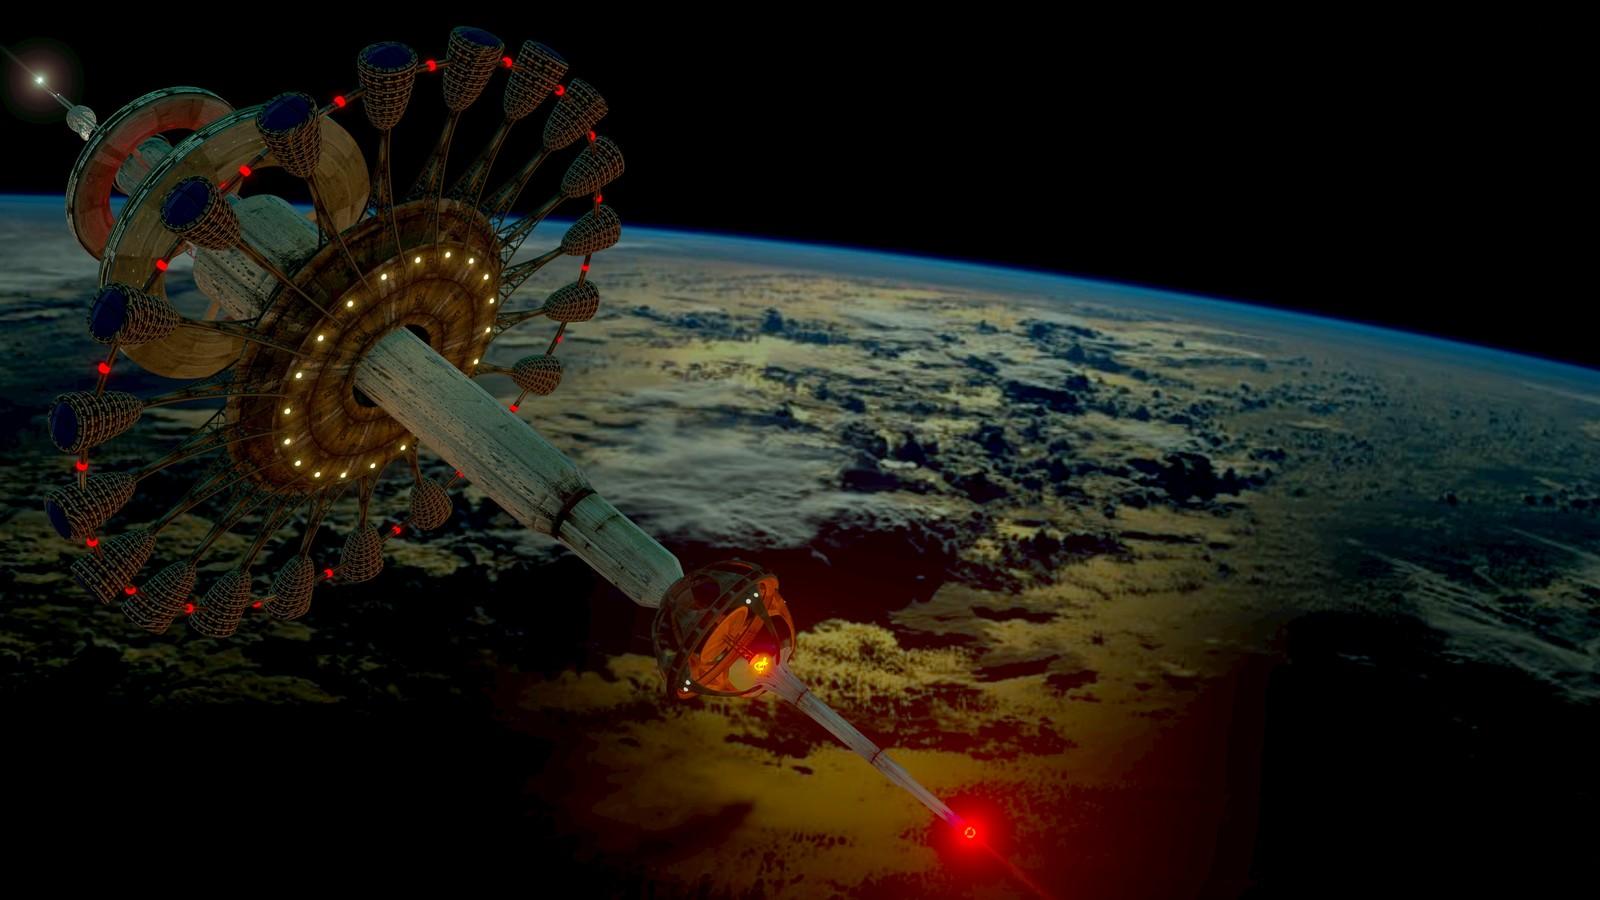 Raumstation_Anja_Brueckel